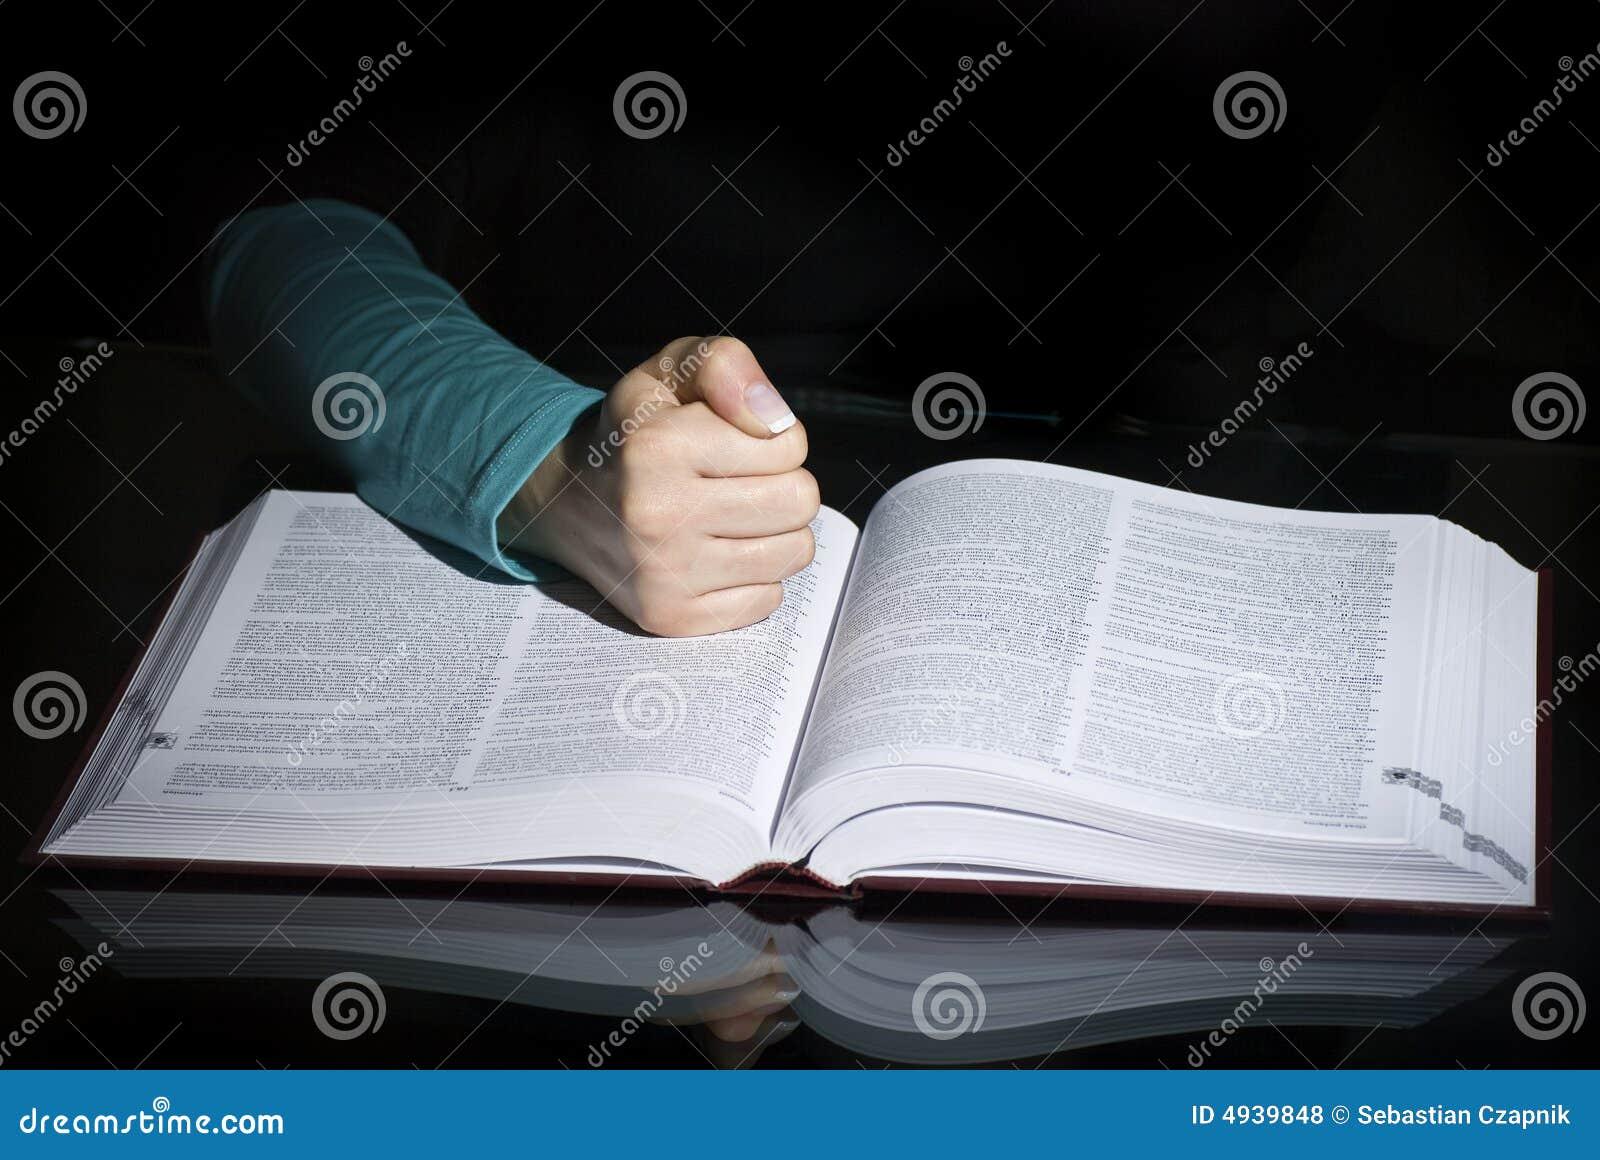 Libro y puño